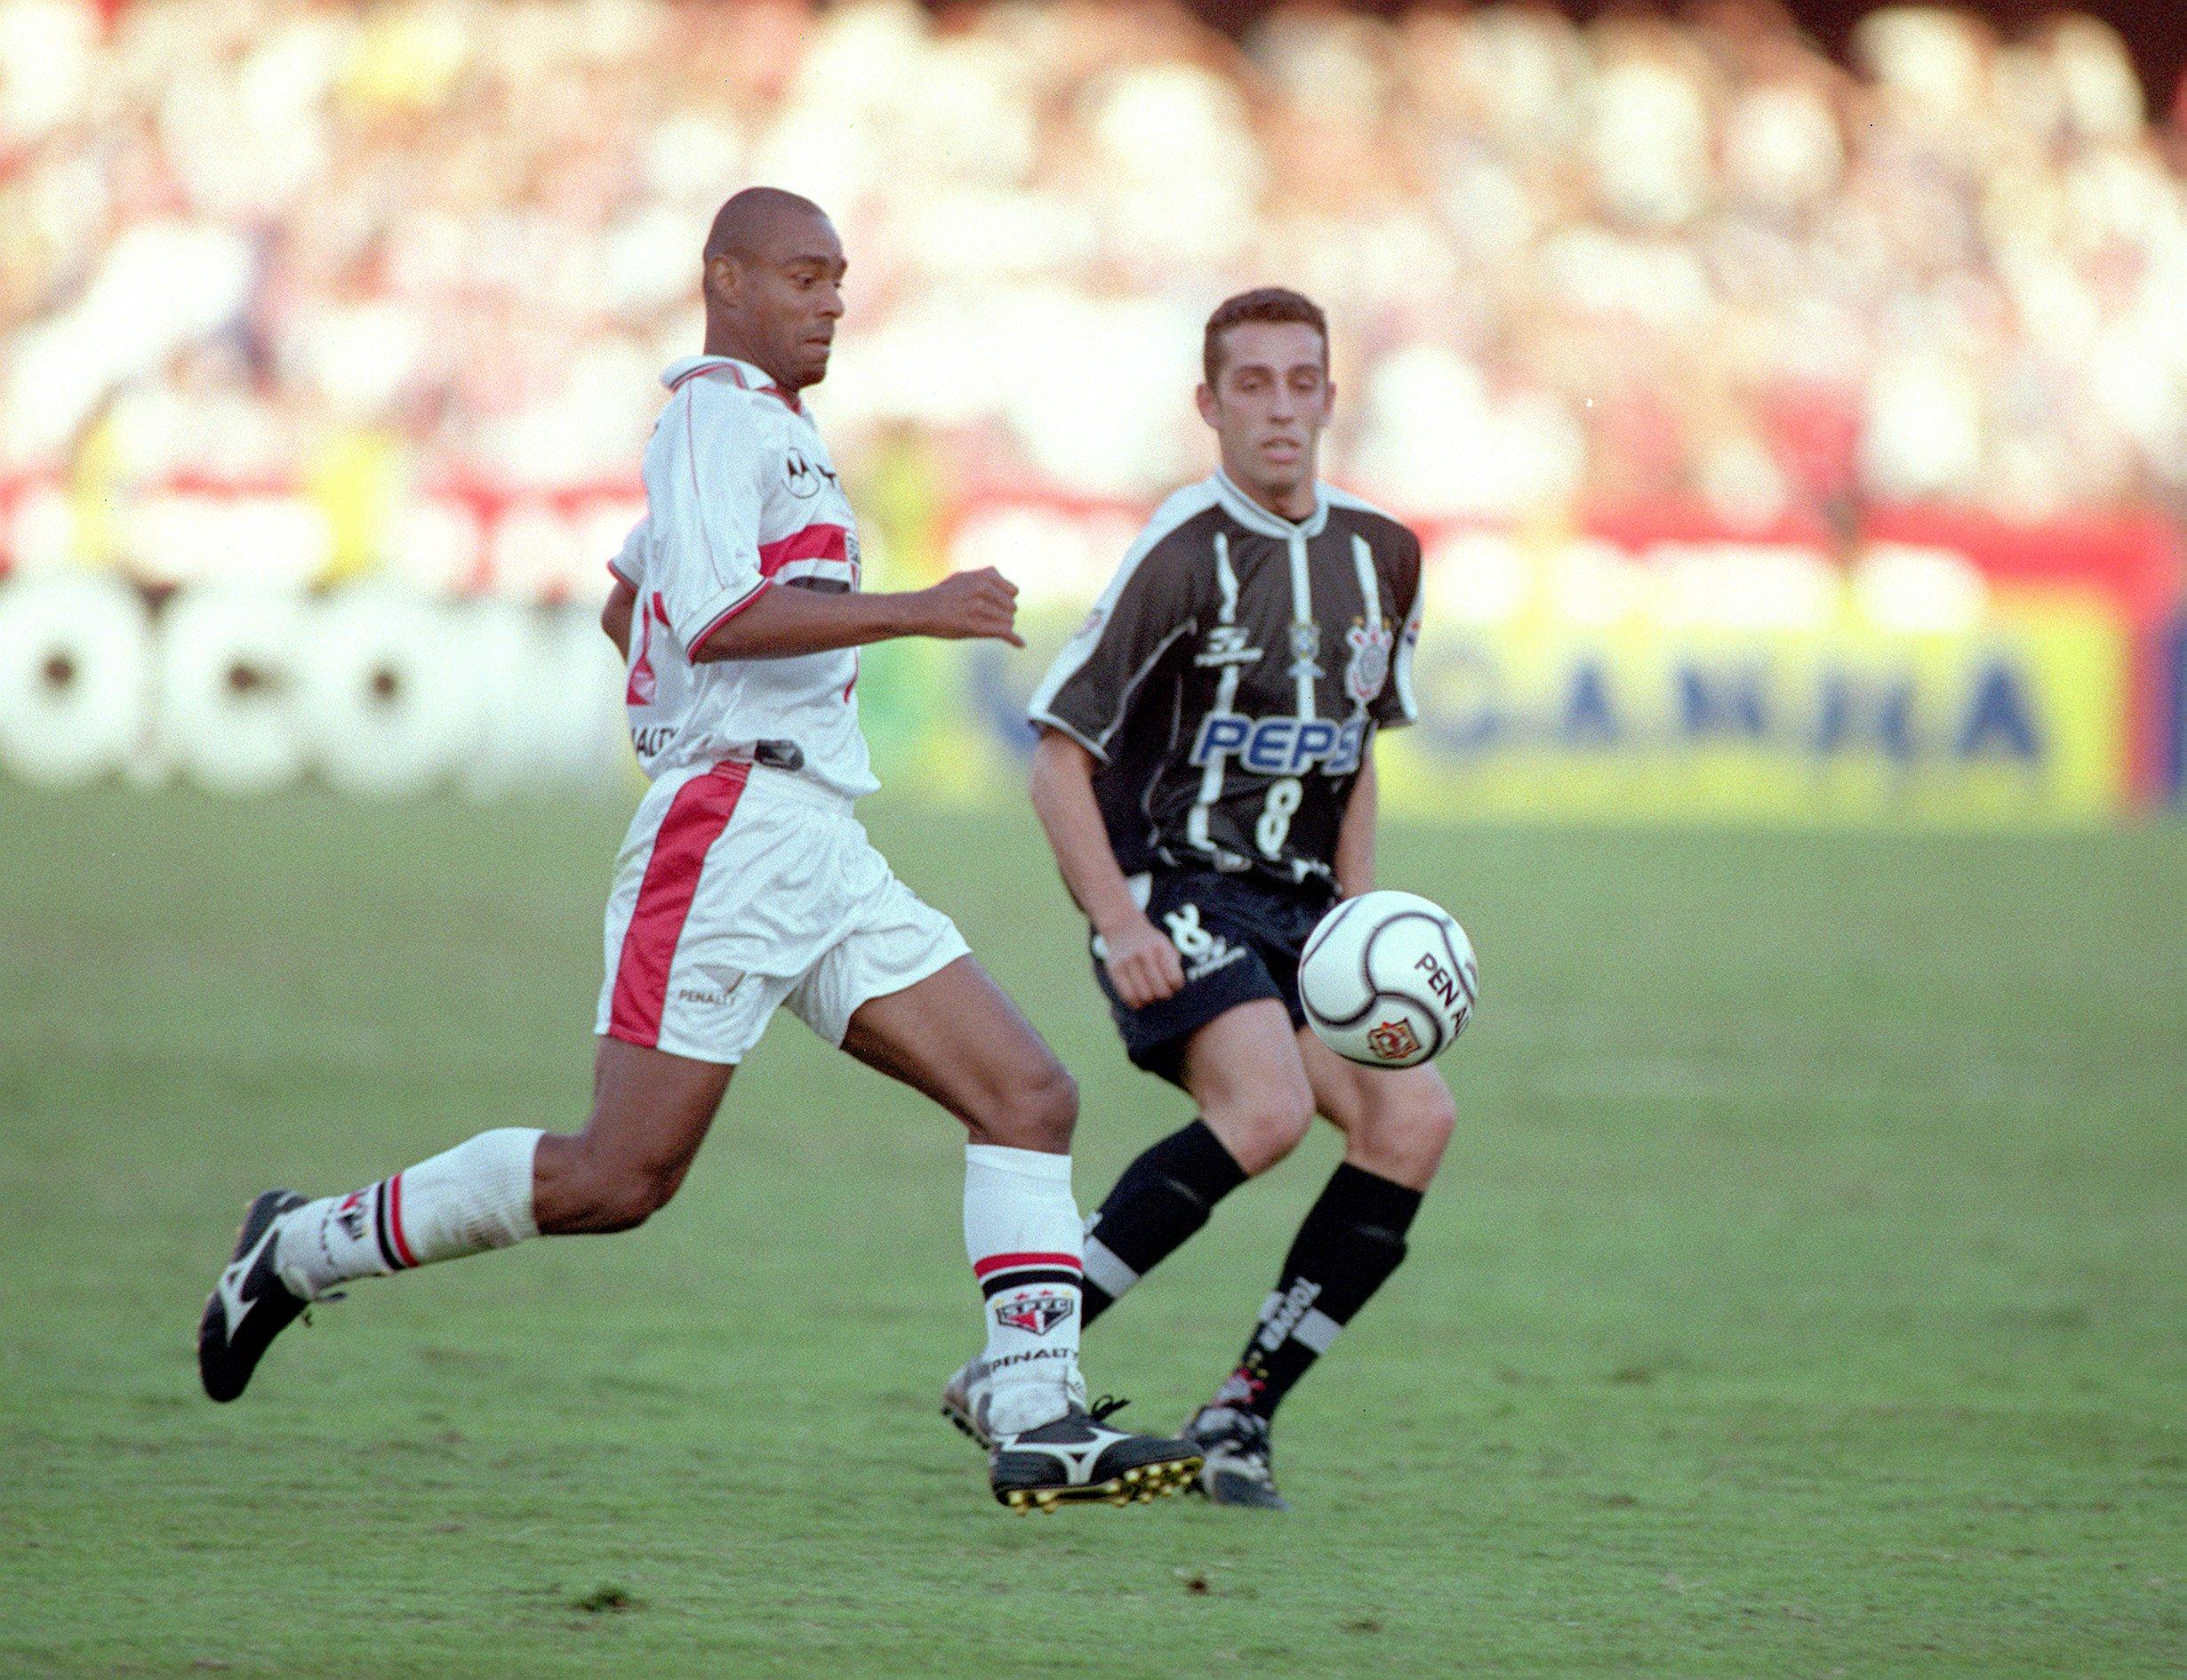 Há 20 anos, São Paulo vencia Corinthians pelas semifinais do Campeonato Paulista